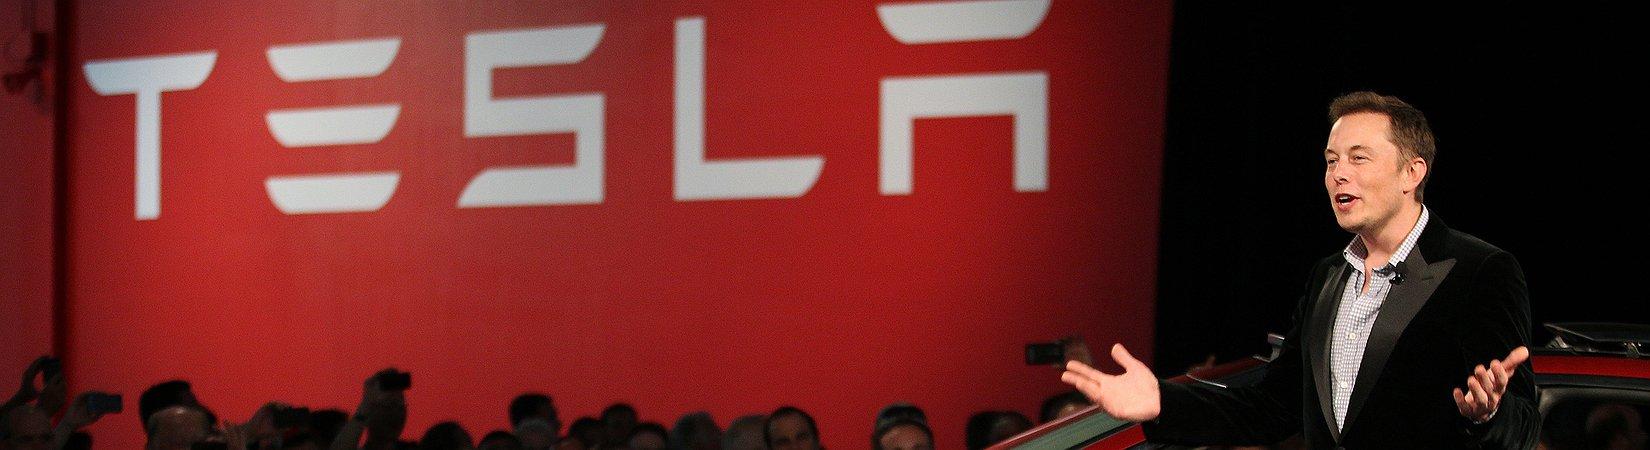 Tesla consigue ser rentable durante el último trimestre